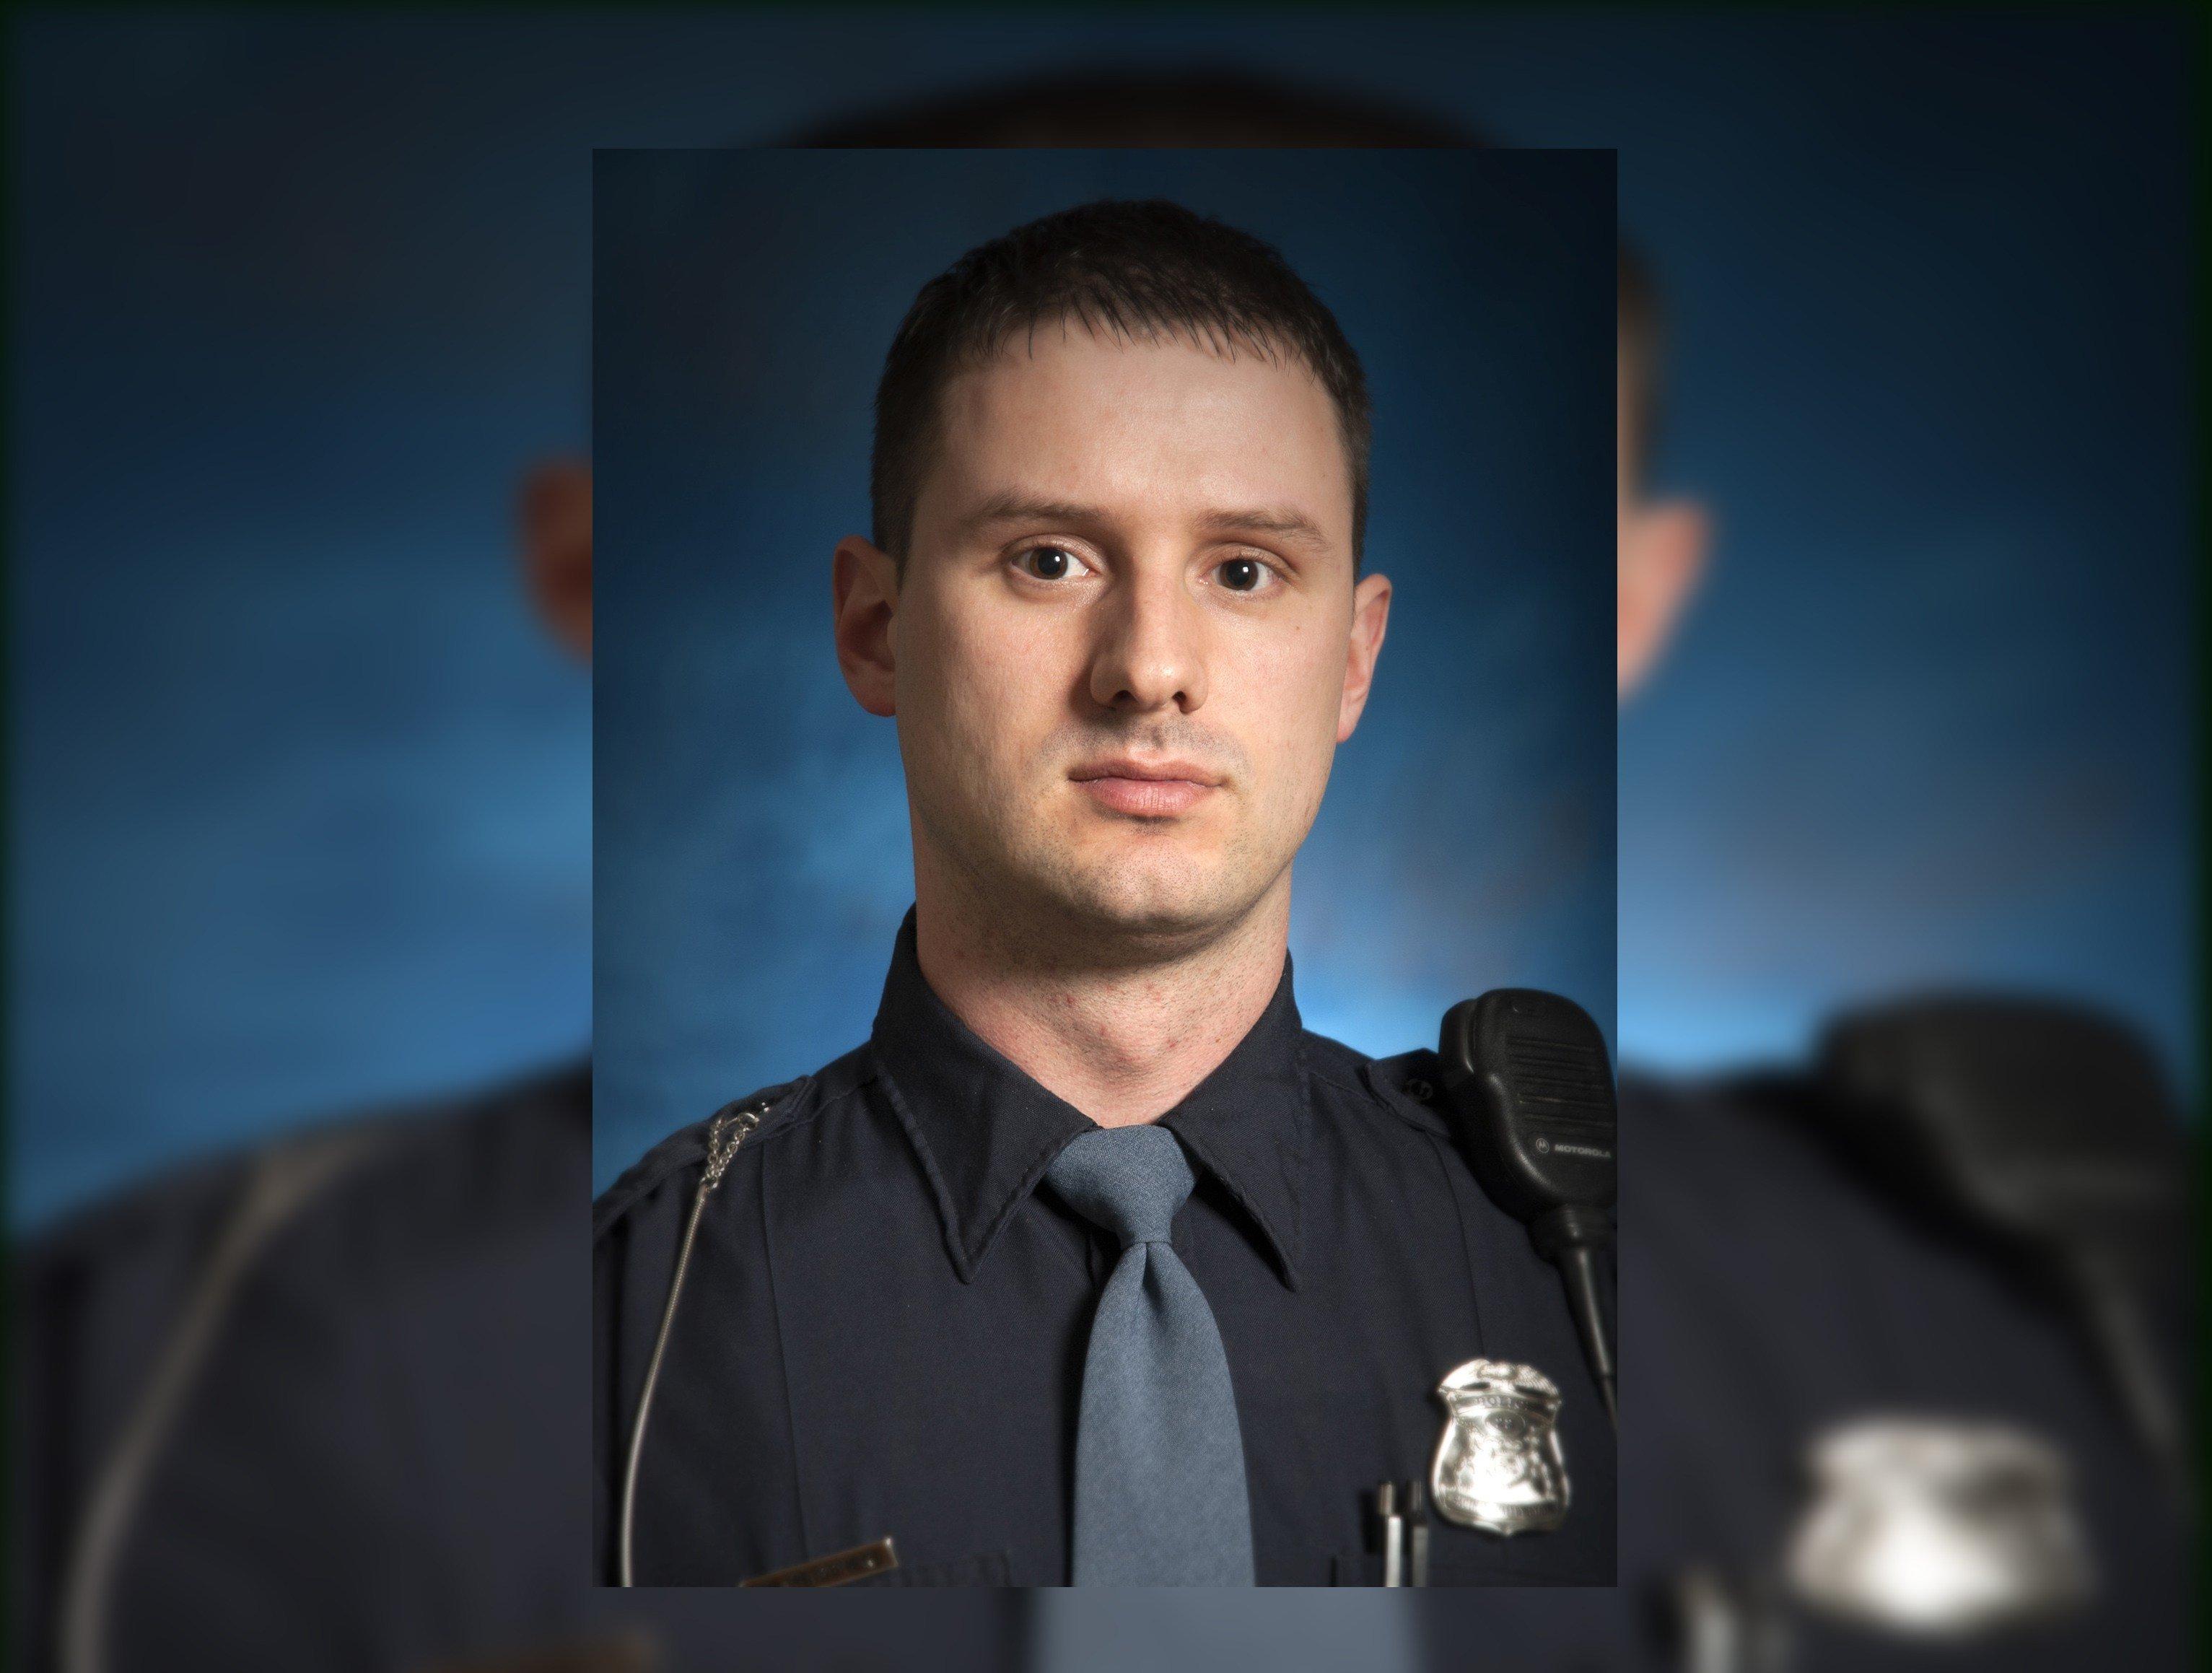 SVSU Officer Matthew Meissner (Source: Saginaw Valley State University)